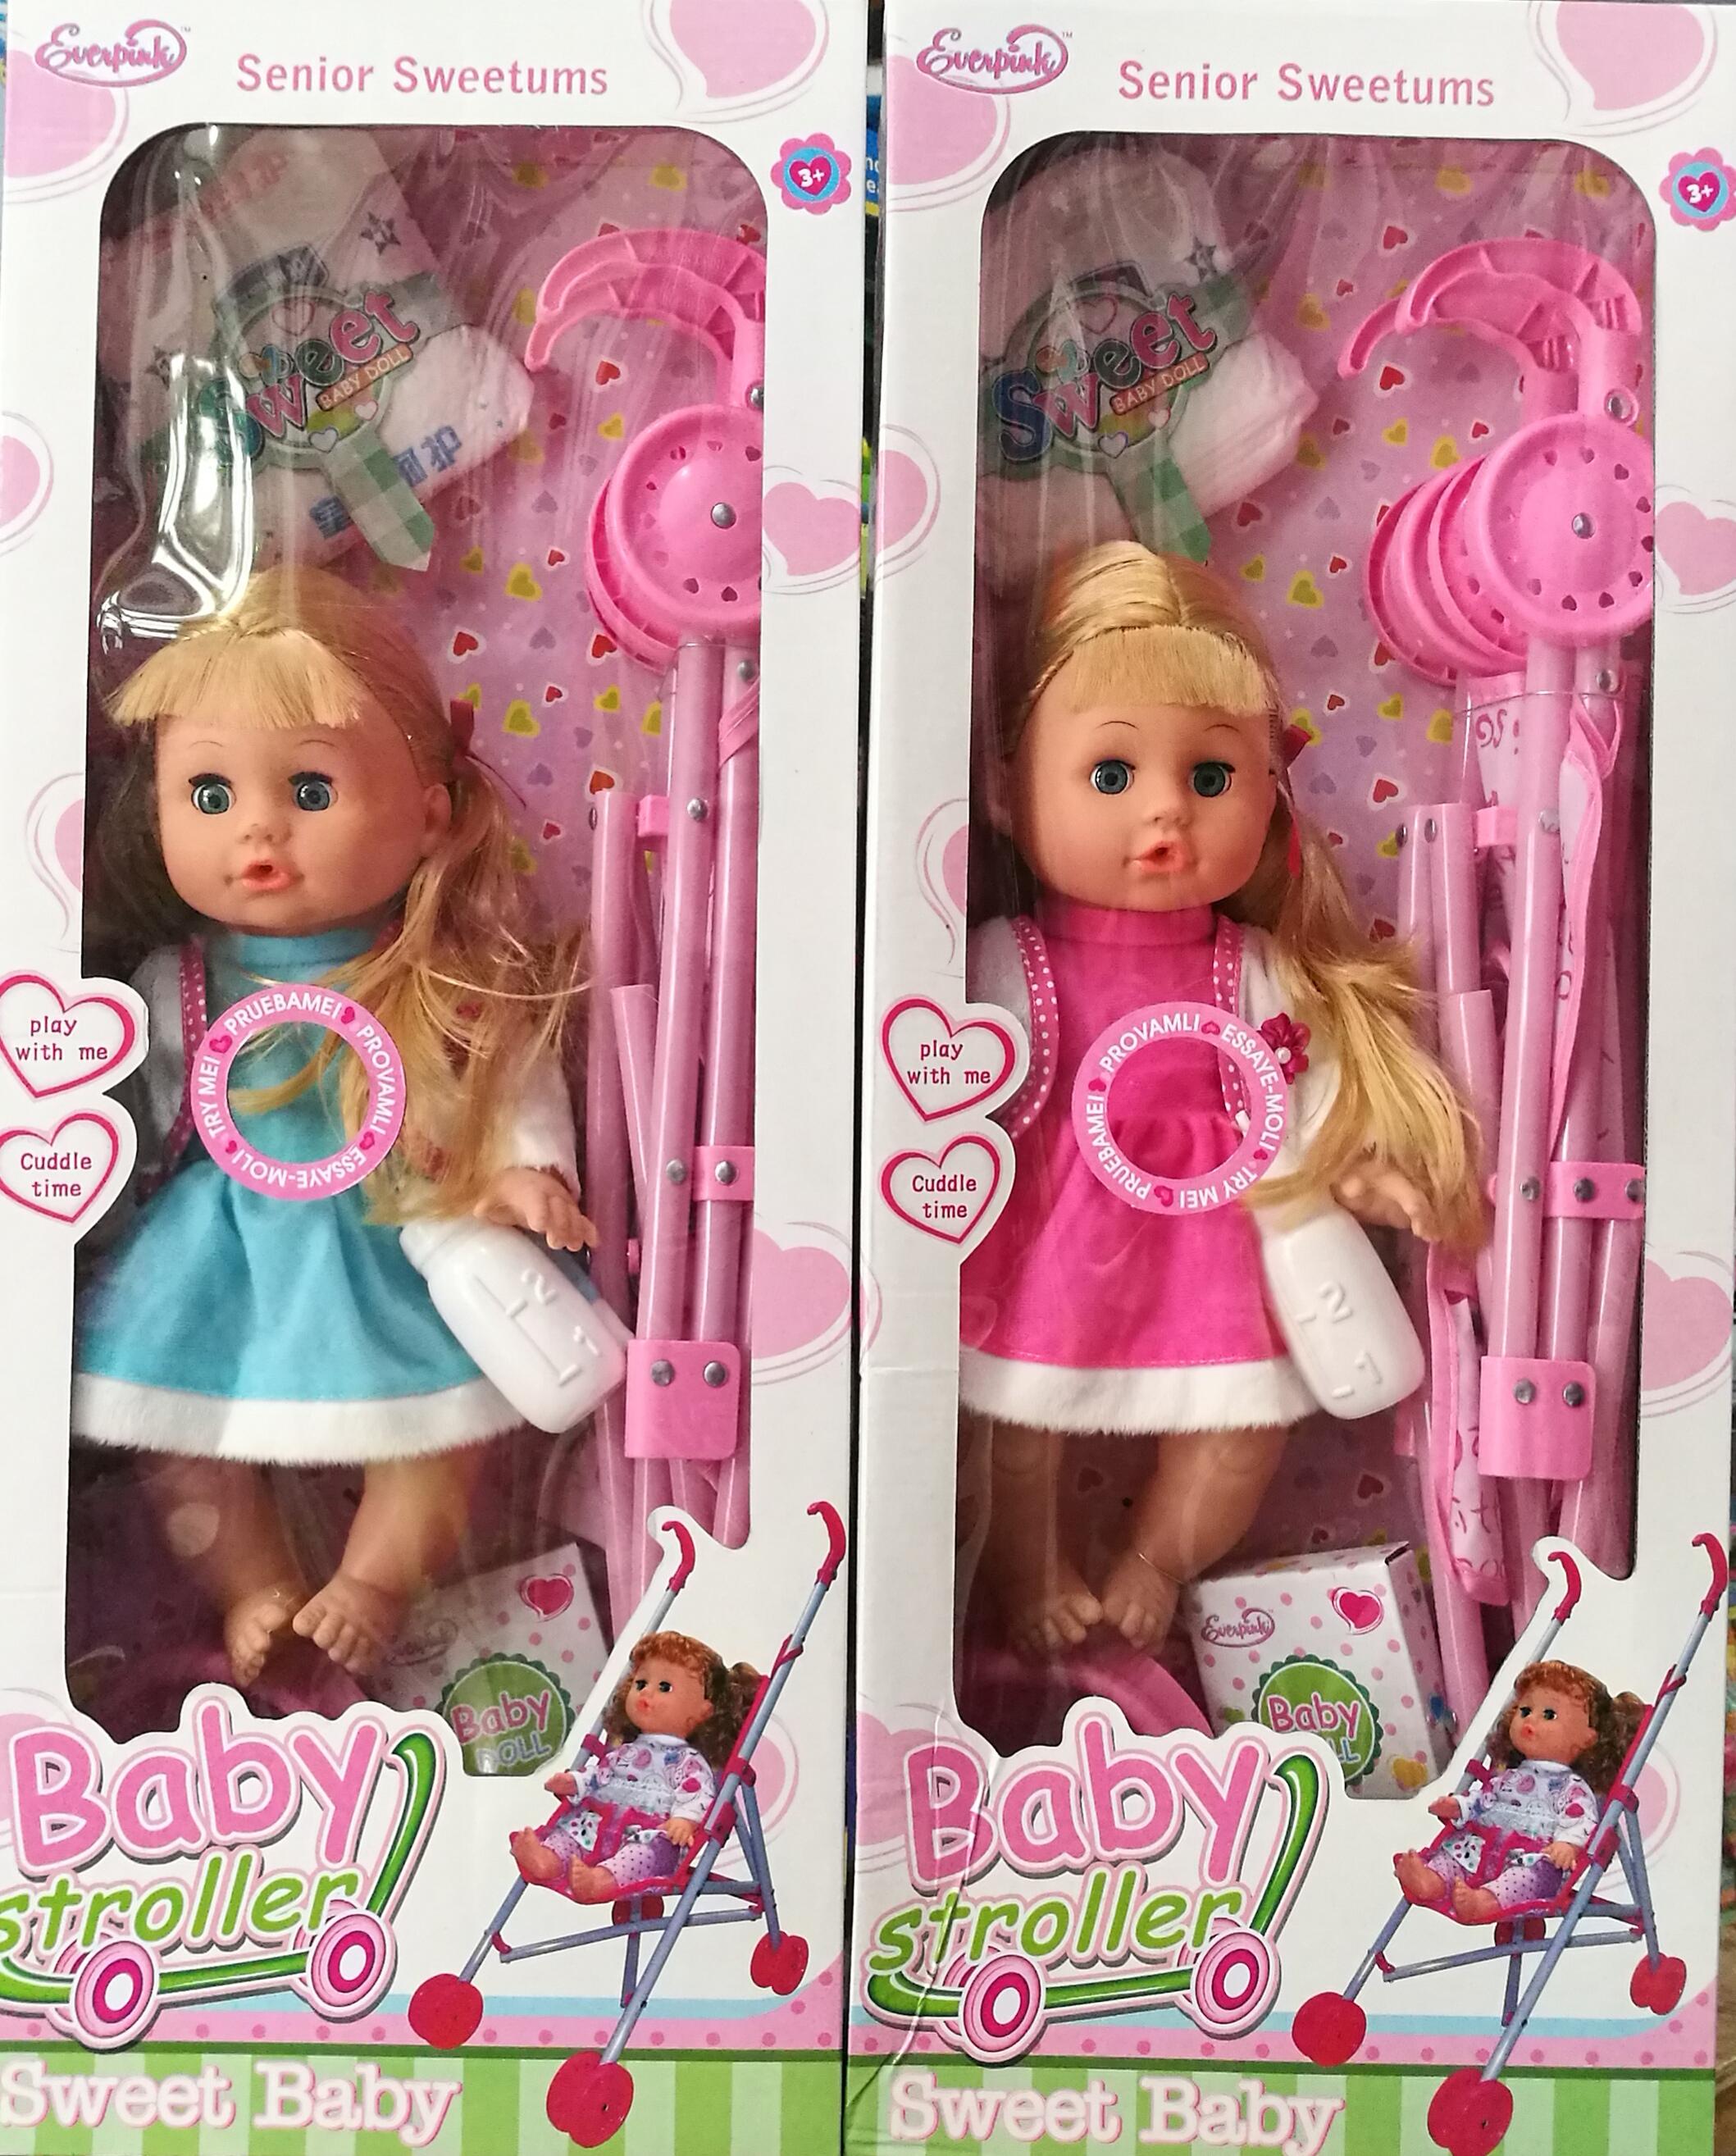 พร้อมส่ง ตุ๊กตากินฉี่รถเข็น baby stroller มีเสียงมีไฟ ส่งฟรี